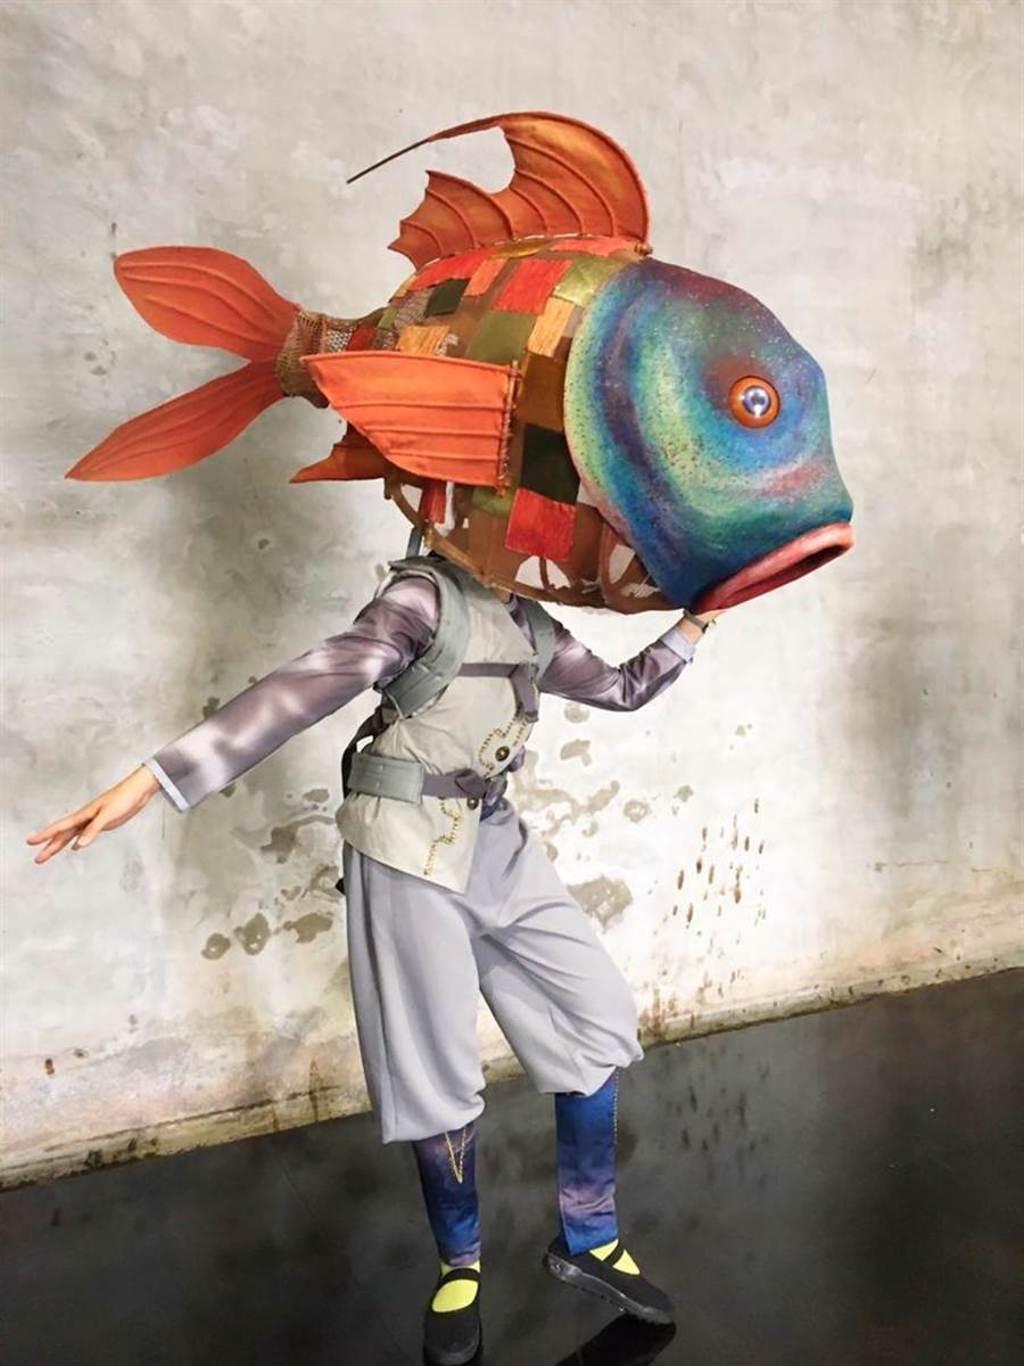 「2020故宮夏日藝術節」將在8月15、29日推出《飛船與海怪》戶外偶戲表演。圖/國立故宮博物院提供